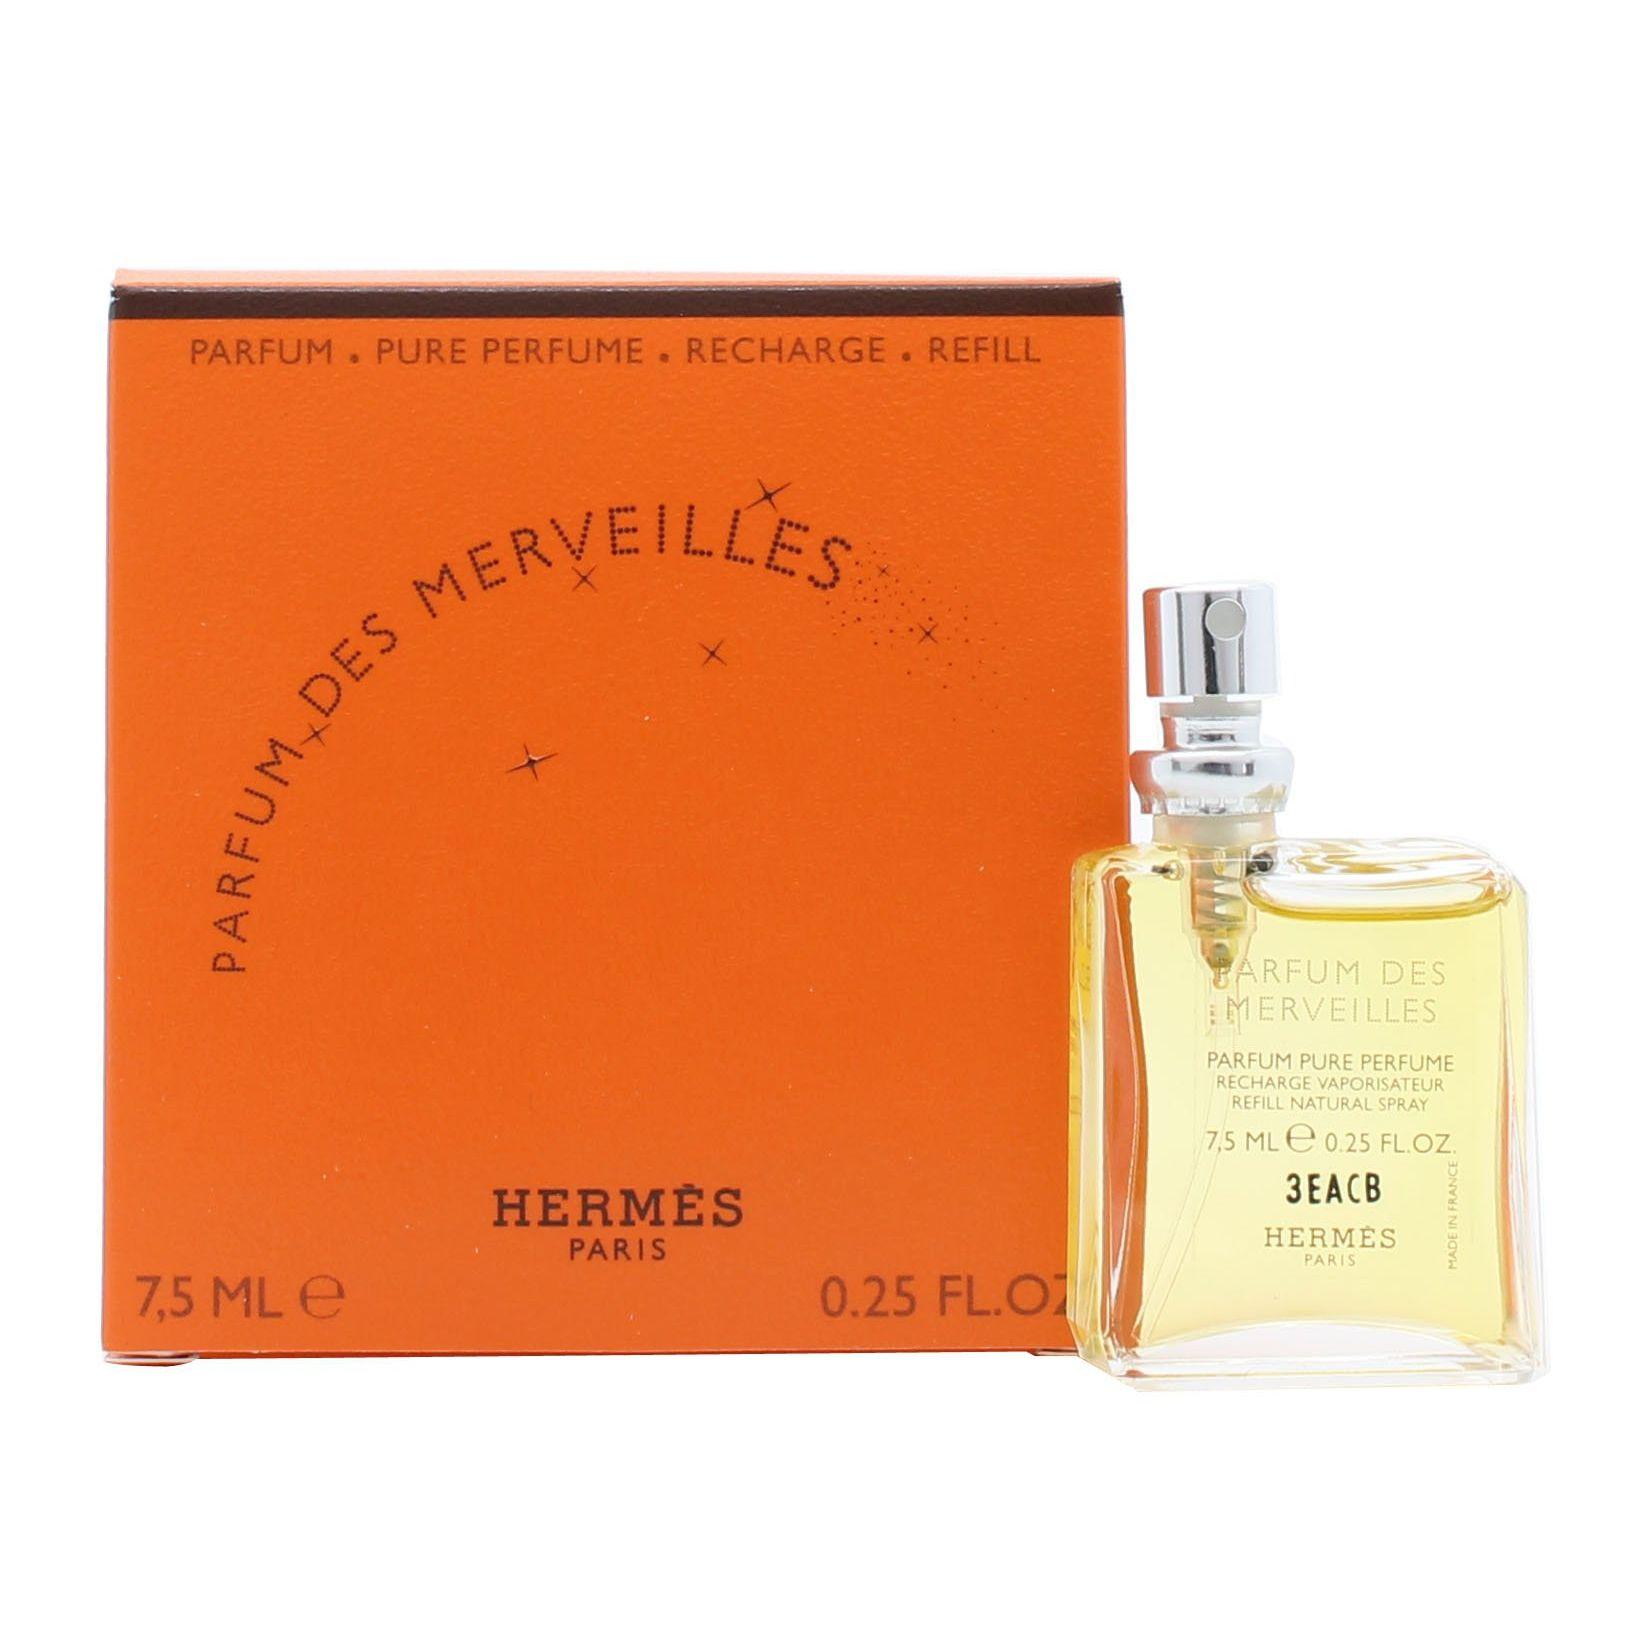 Hermes Parfum des Merveilles Eau de Parfum 75ml Ricarica